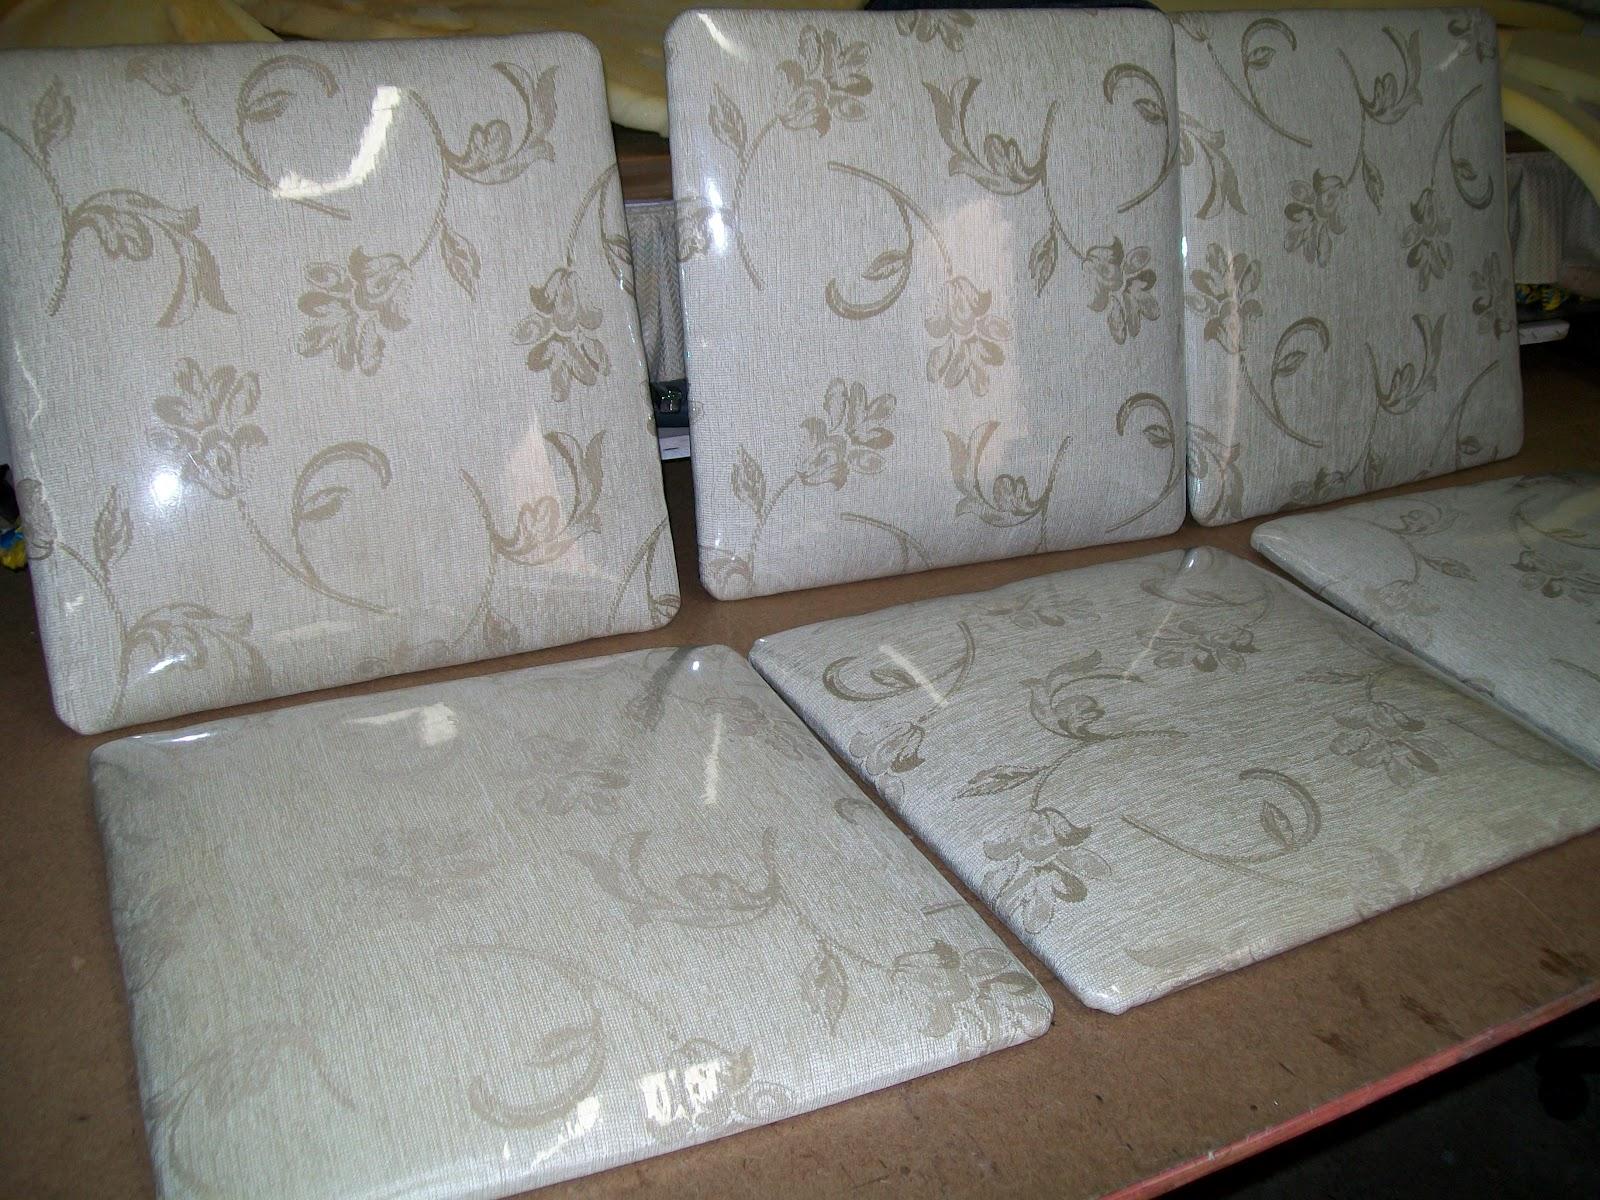 de tecido em cadeira colonial e troca de tecido com plastificação de  #604C39 1600x1200